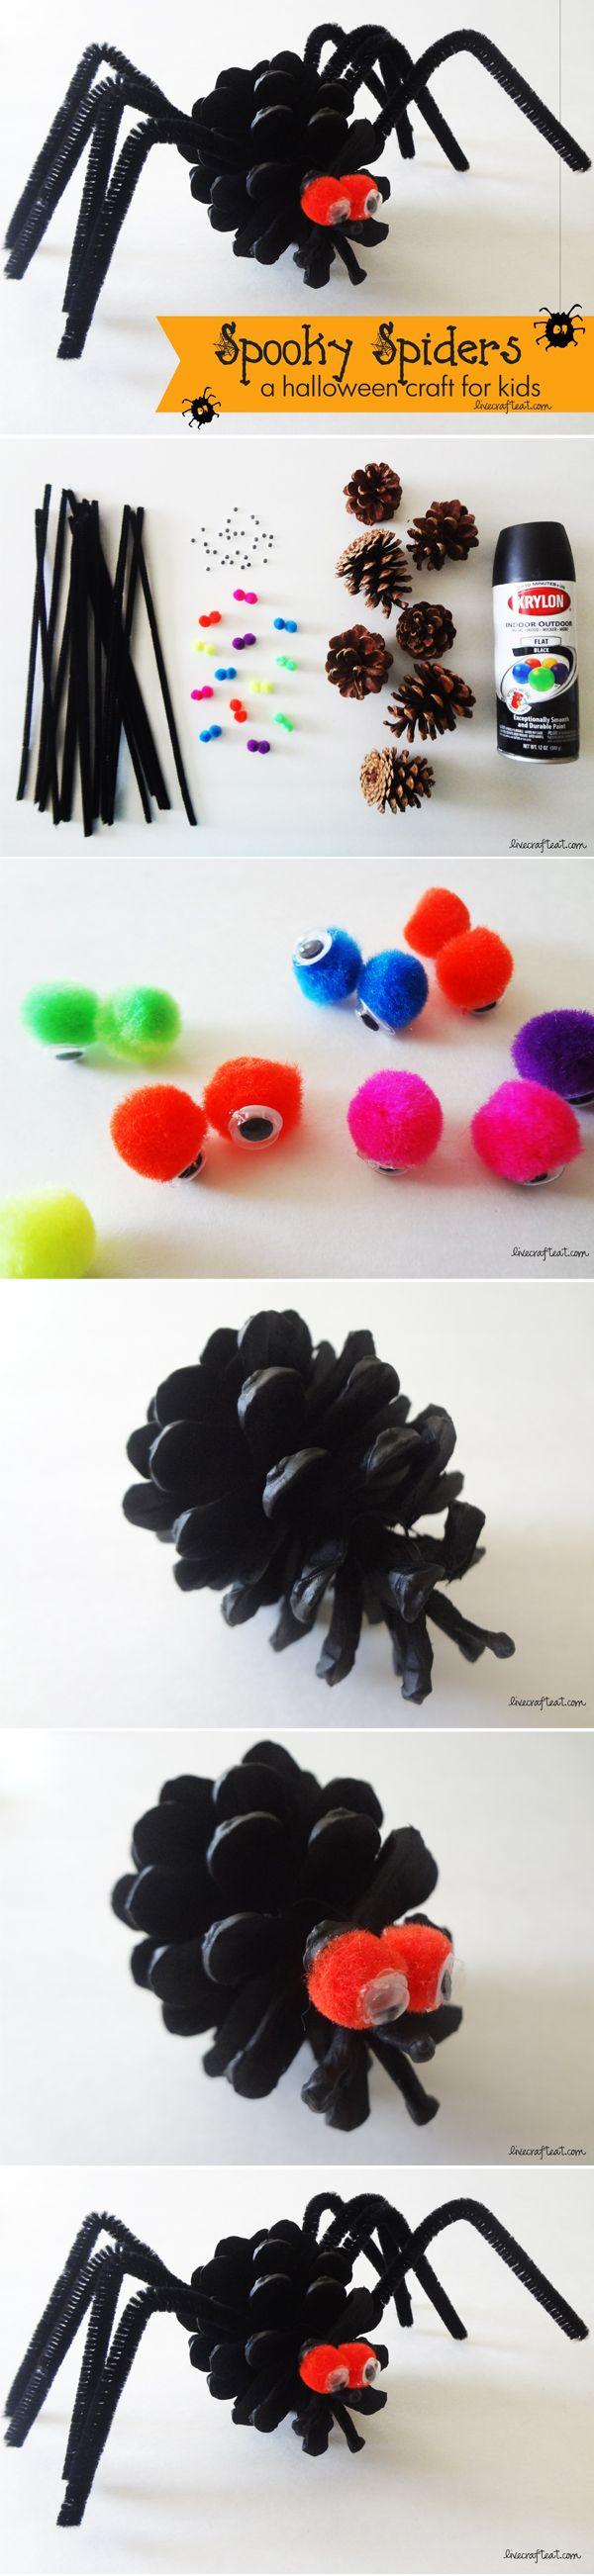 23 Adorable DIY Pine Cone Crafts